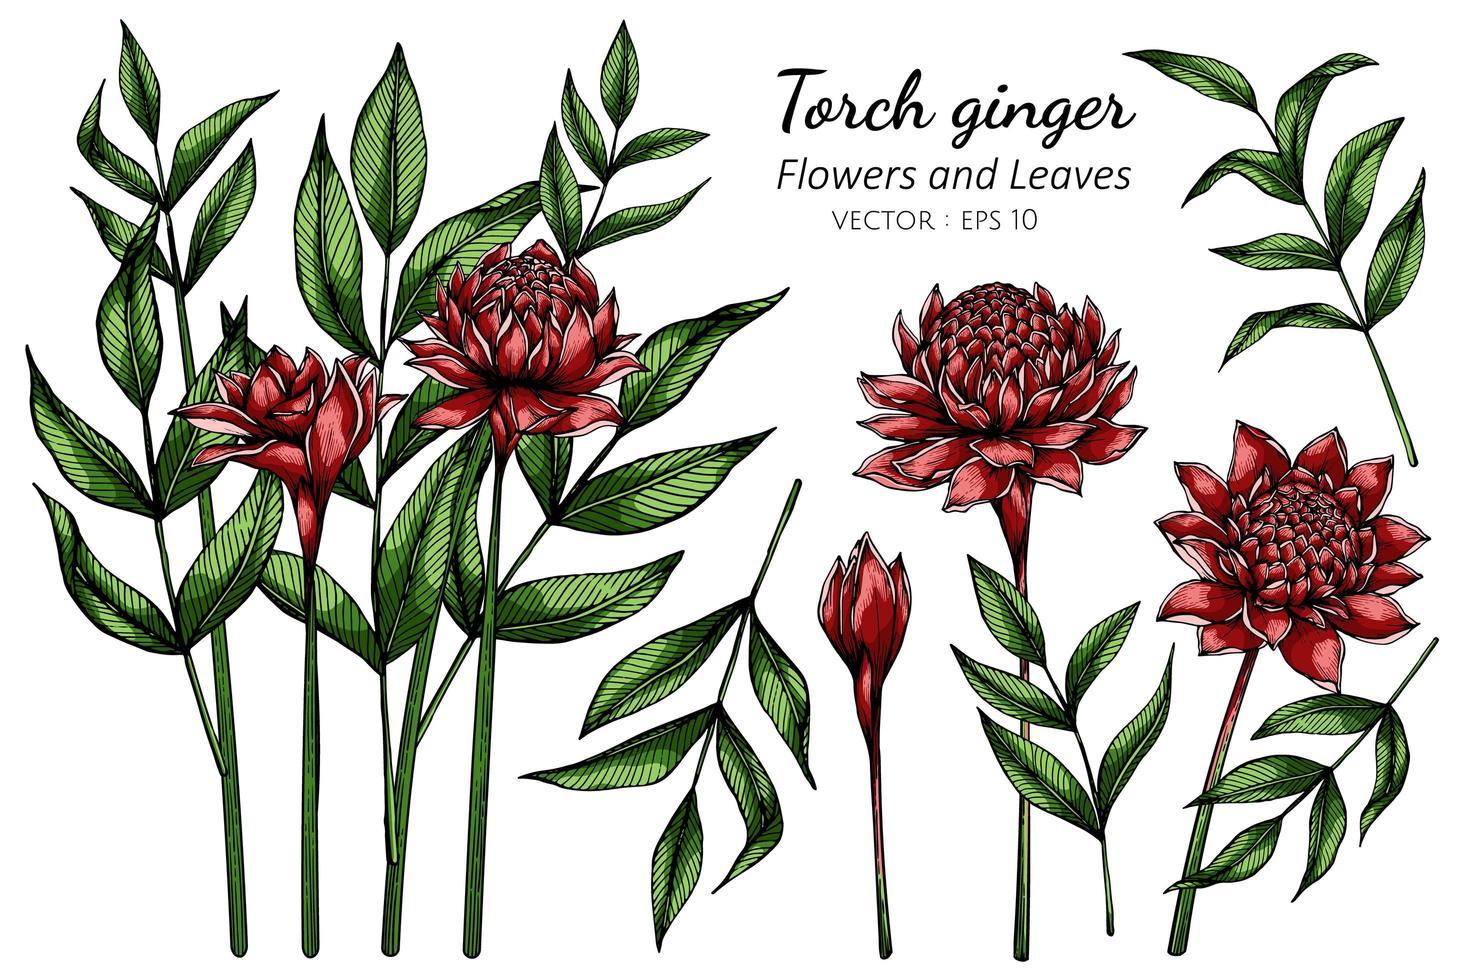 ensemble de fleur de gingembre torche rouge vecteur